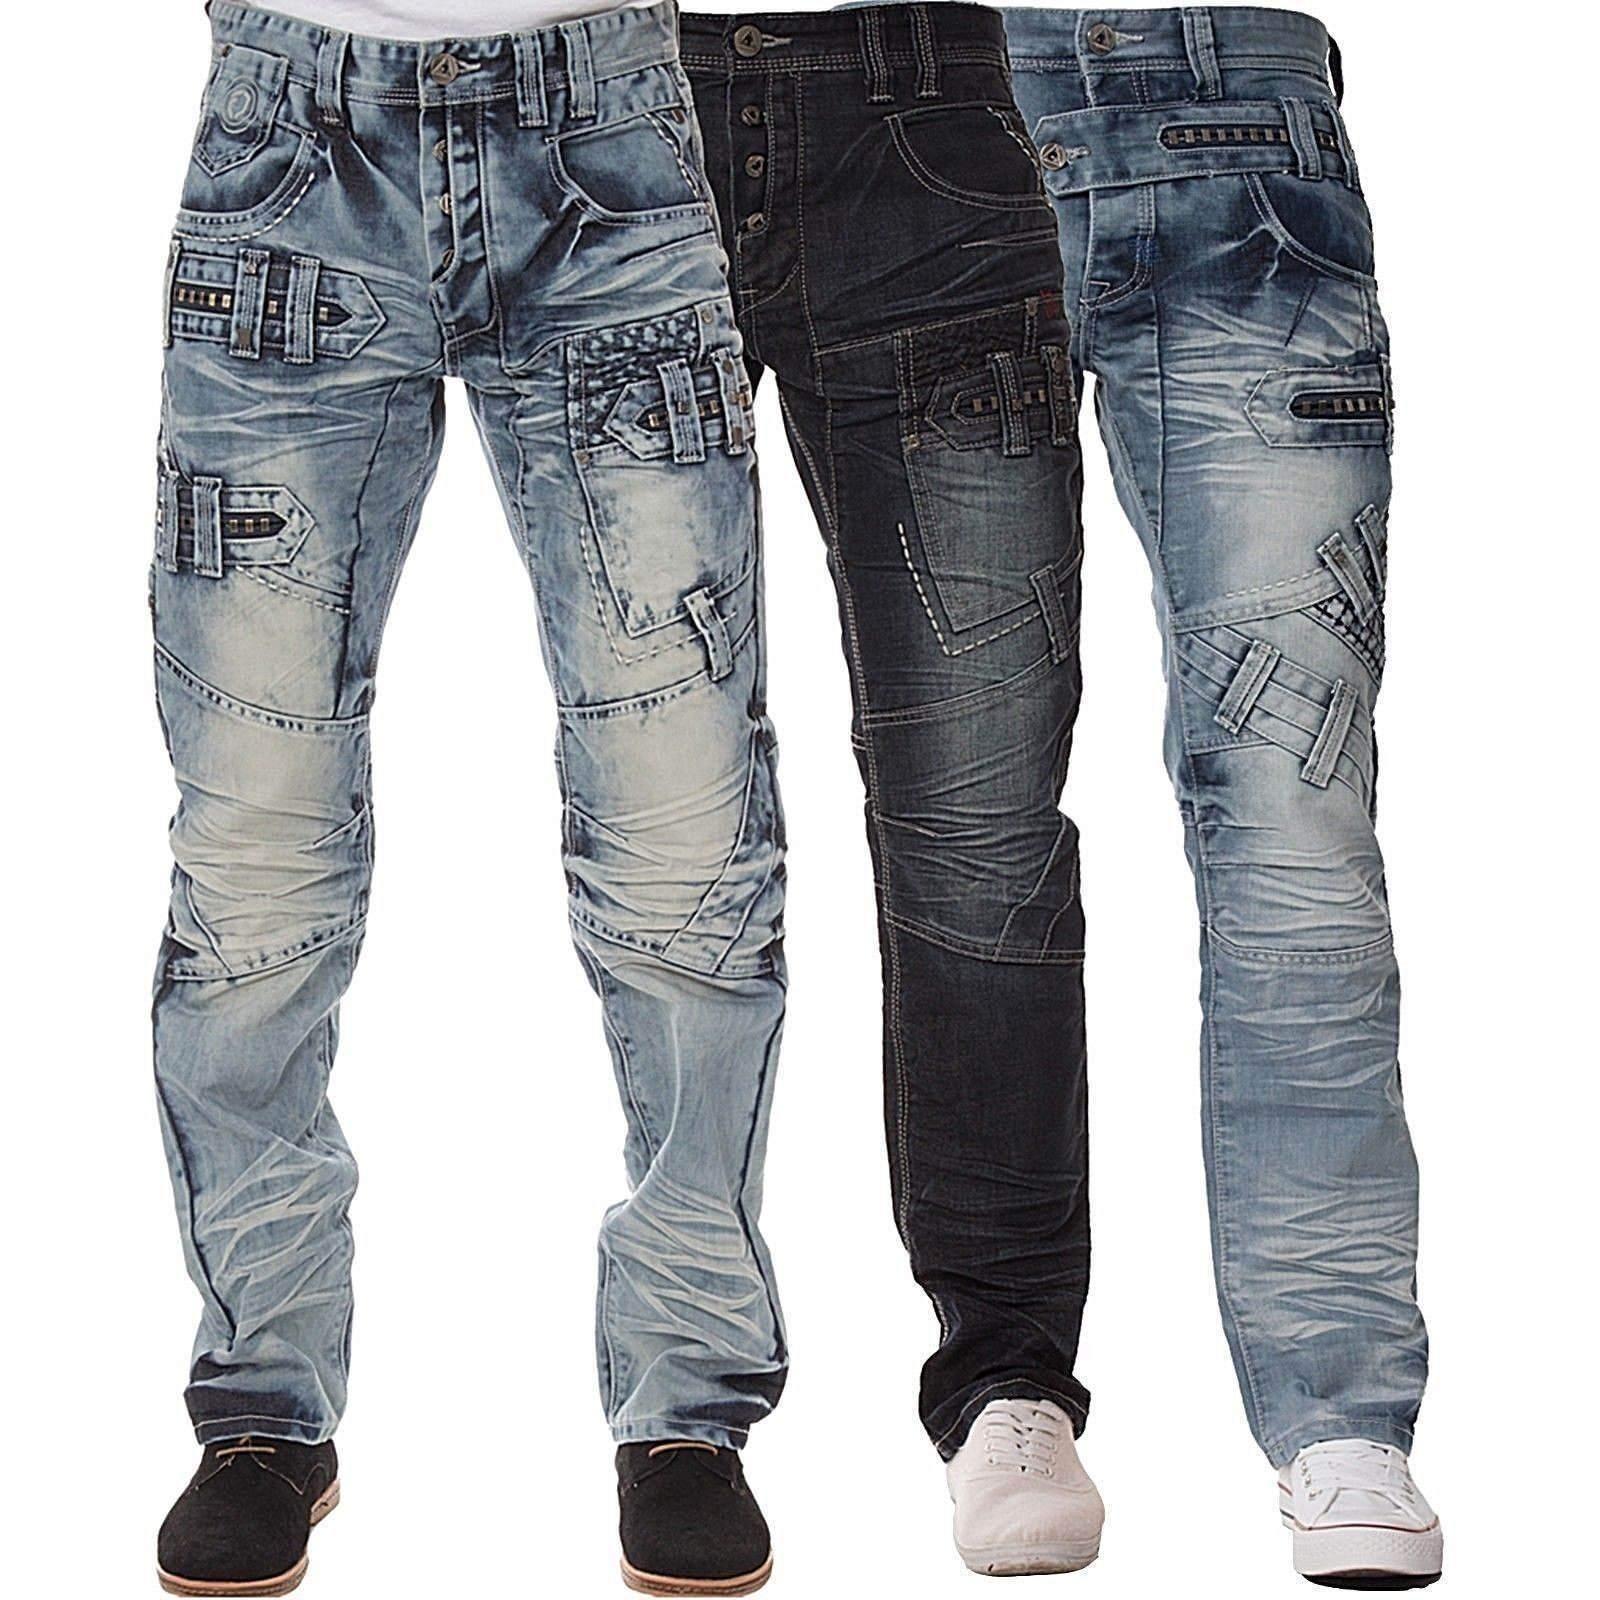 Neu Eto Herren Gerades Bein Reguläre Passform Jeans Markiert Design Blau Alle    Moderne und elegante Mode    Kaufen Sie online    Neuer Stil